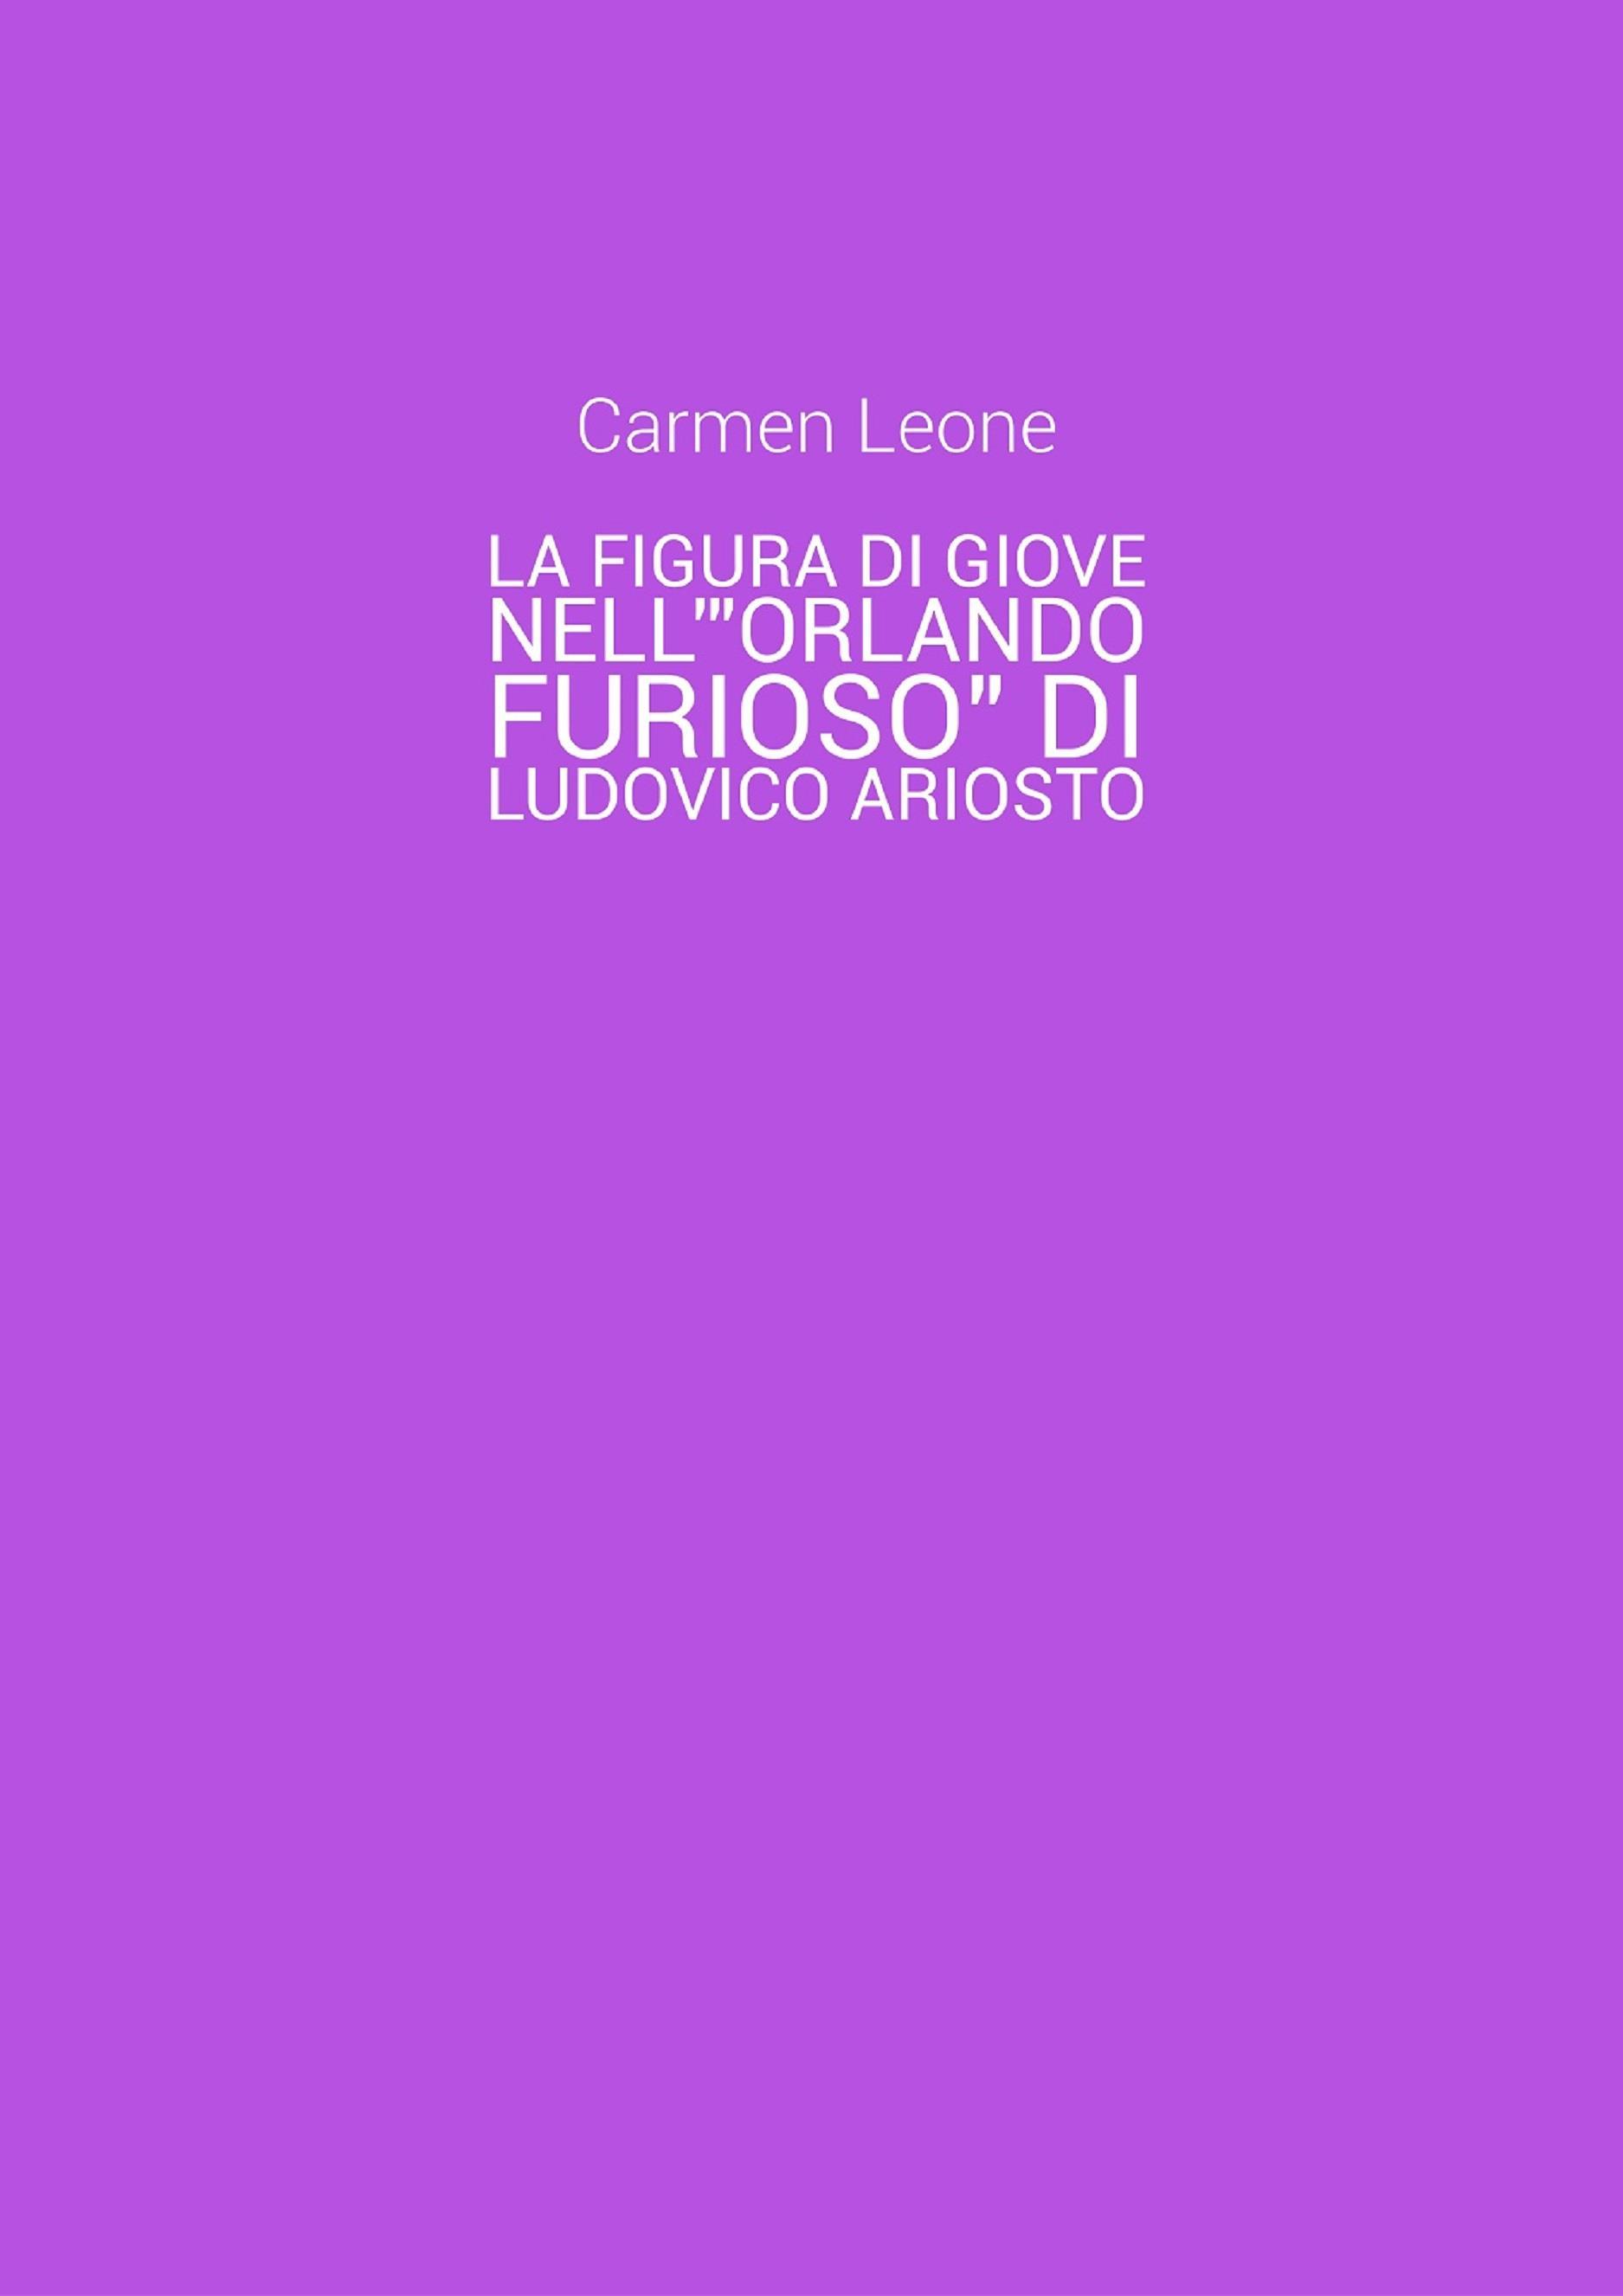 """La figura di Giove nell'""""Orlando Furioso"""" di Ludovico Ariosto"""